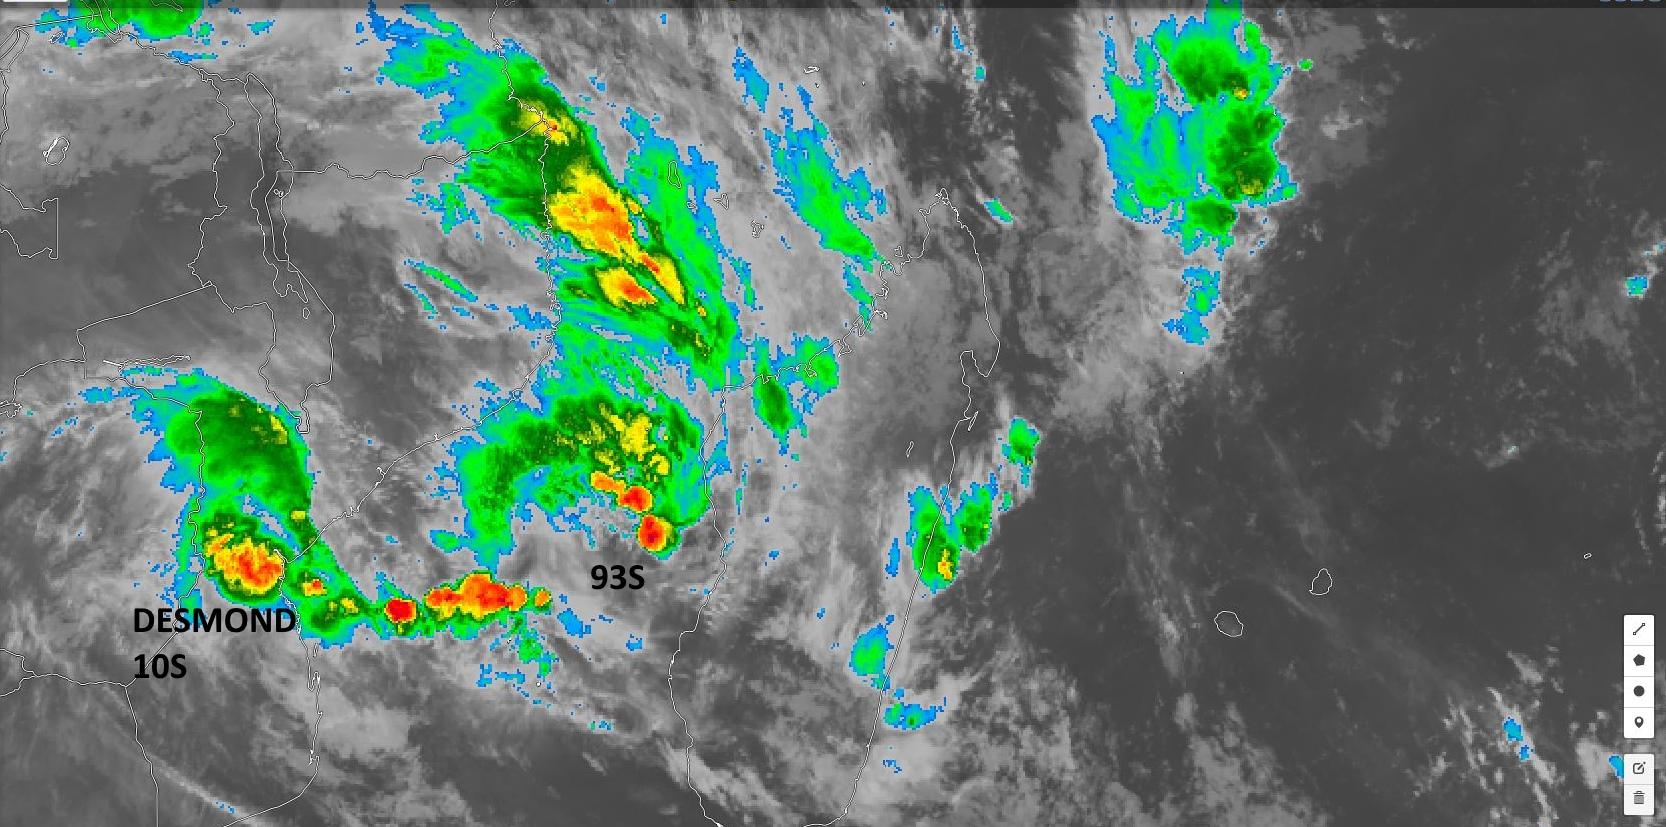 Sur notre zone ce sont DESMOND(10S) et 93S qui retiennent notre attention sans négliger les orages et inondations sur certaines parties de la Grande Ile. Photo satellite de 8h.